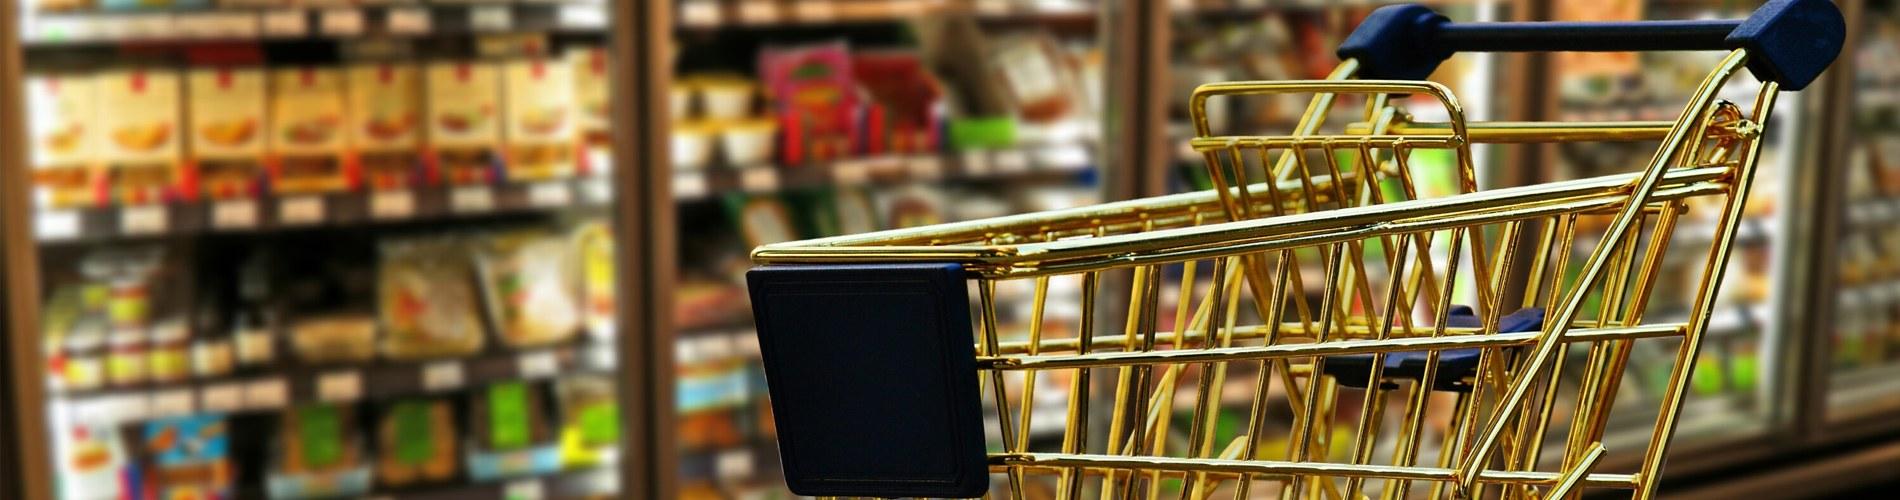 Sistema pdv para mercados, supermercados e hipermercados